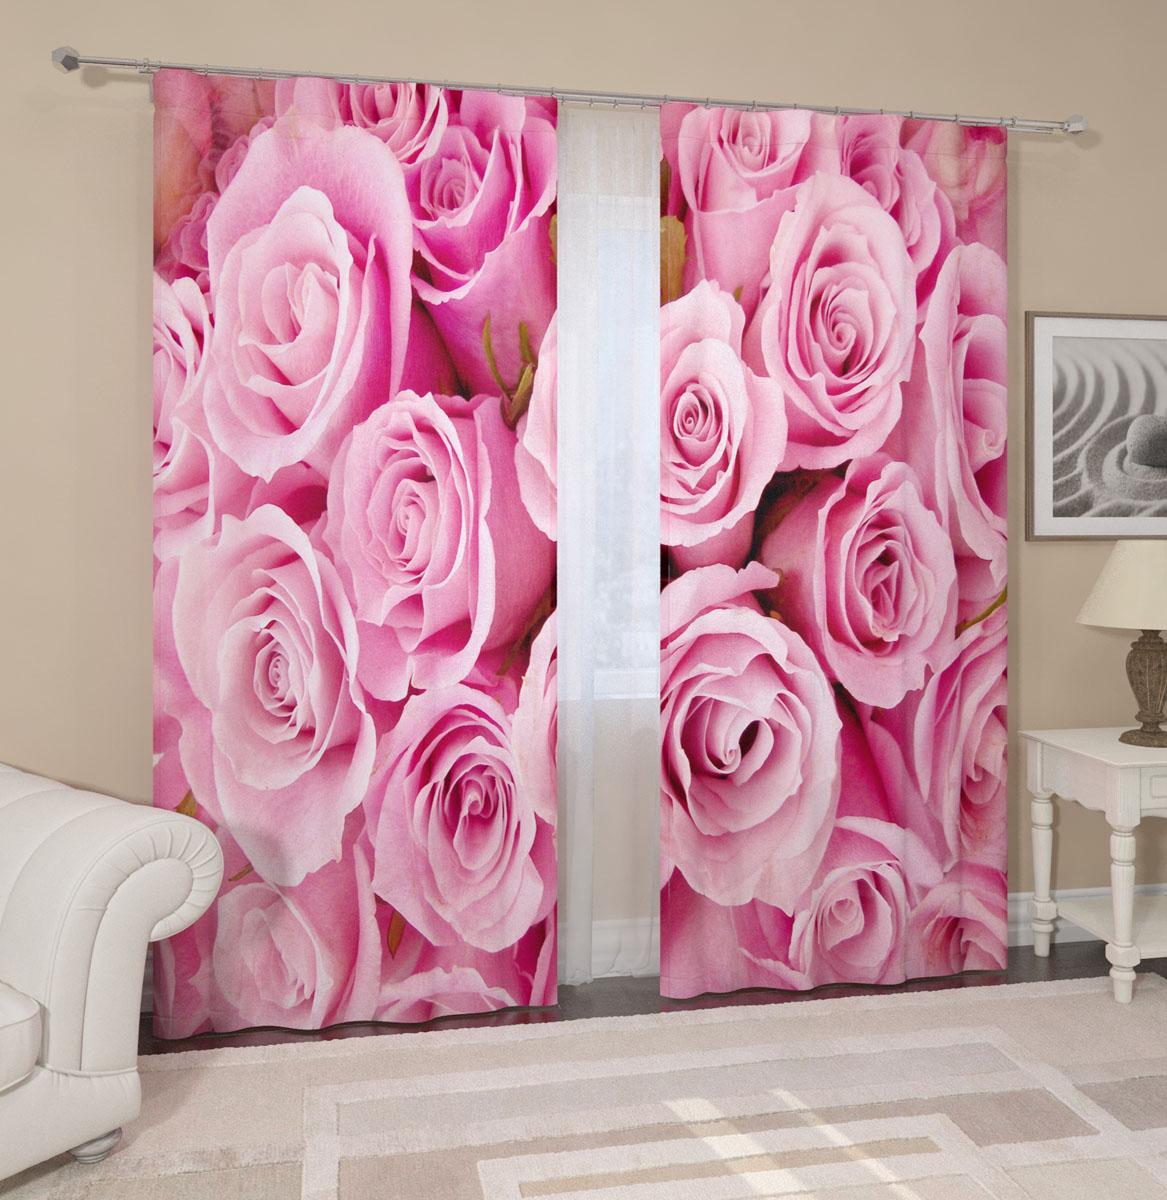 Комплект фотоштор Сирень Розовые розы, на ленте, высота 260 смES-412Фотошторы Сирень Розовые розы, выполненные из габардина (100% полиэстера), отлично дополнят украшение любого интерьера. Особенностью ткани габардин является небольшая плотность, из-за чего ткань хорошо пропускает воздух и солнечный свет. Ткань хорошо держит форму, не требует специального ухода. Крепление на карниз при помощи шторной ленты на крючки. В комплекте 2 шторы. Ширина одного полотна: 145 см.Высота штор: 260 см.Рекомендации по уходу: стирка при 30 градусах, гладить при температуре до 110 градусов.Изображение на мониторе может немного отличаться от реального.